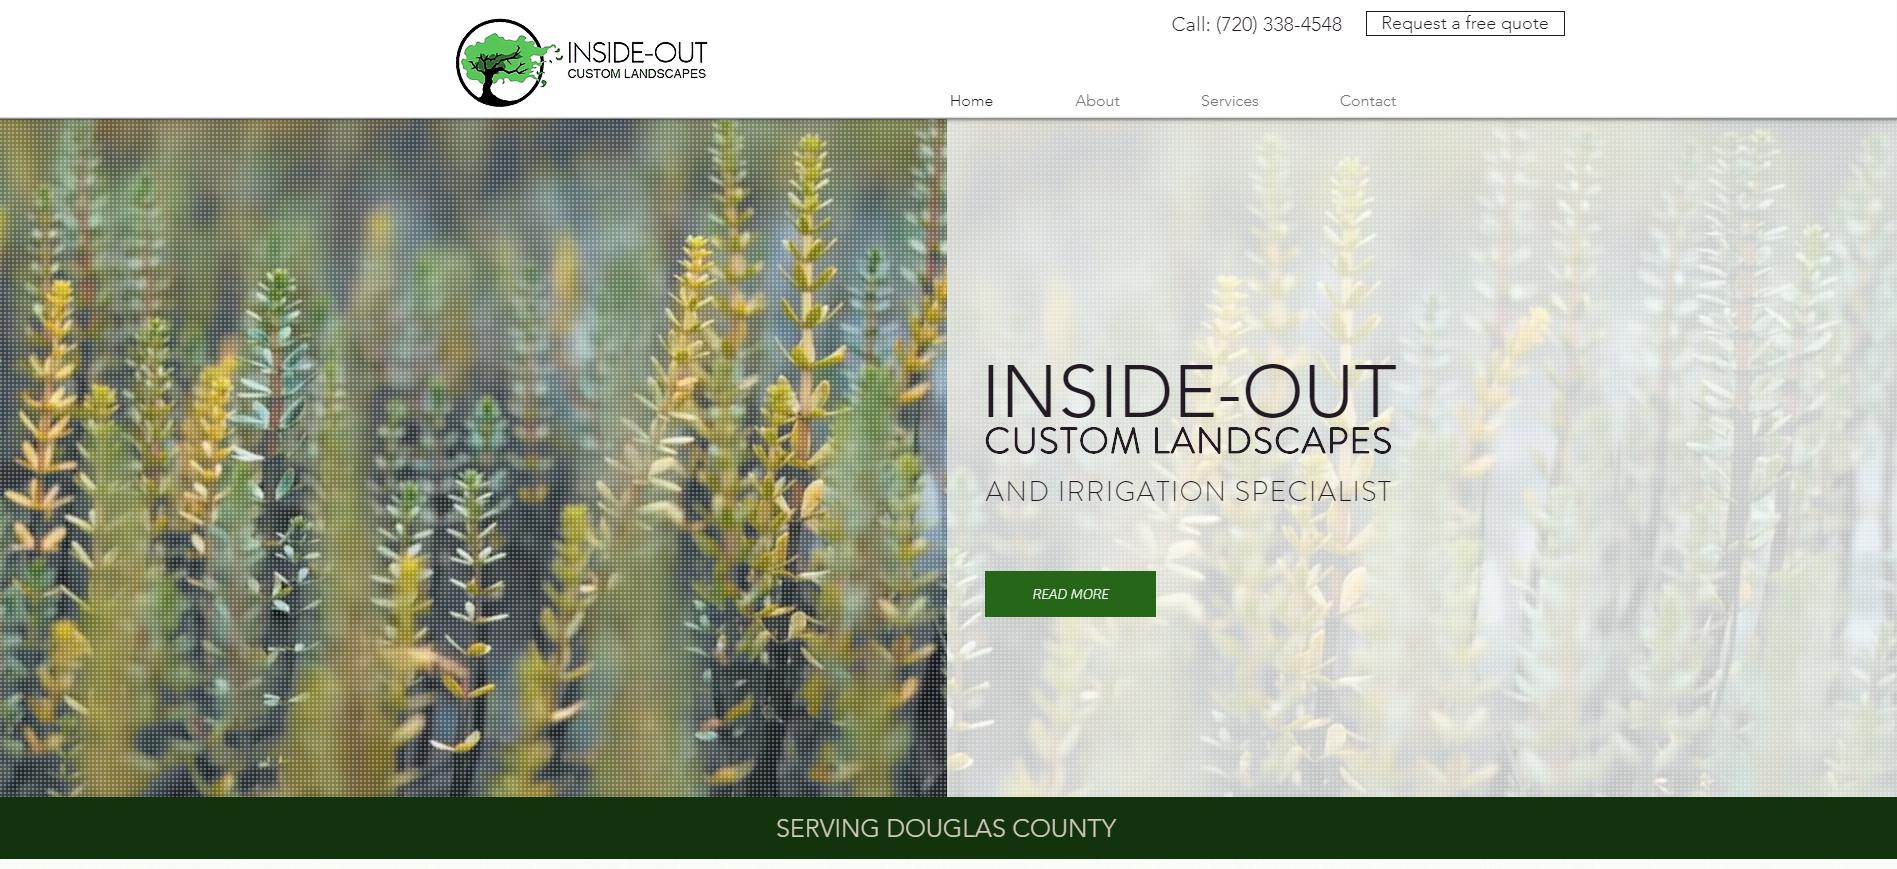 Inside-Out Custom Landscapes